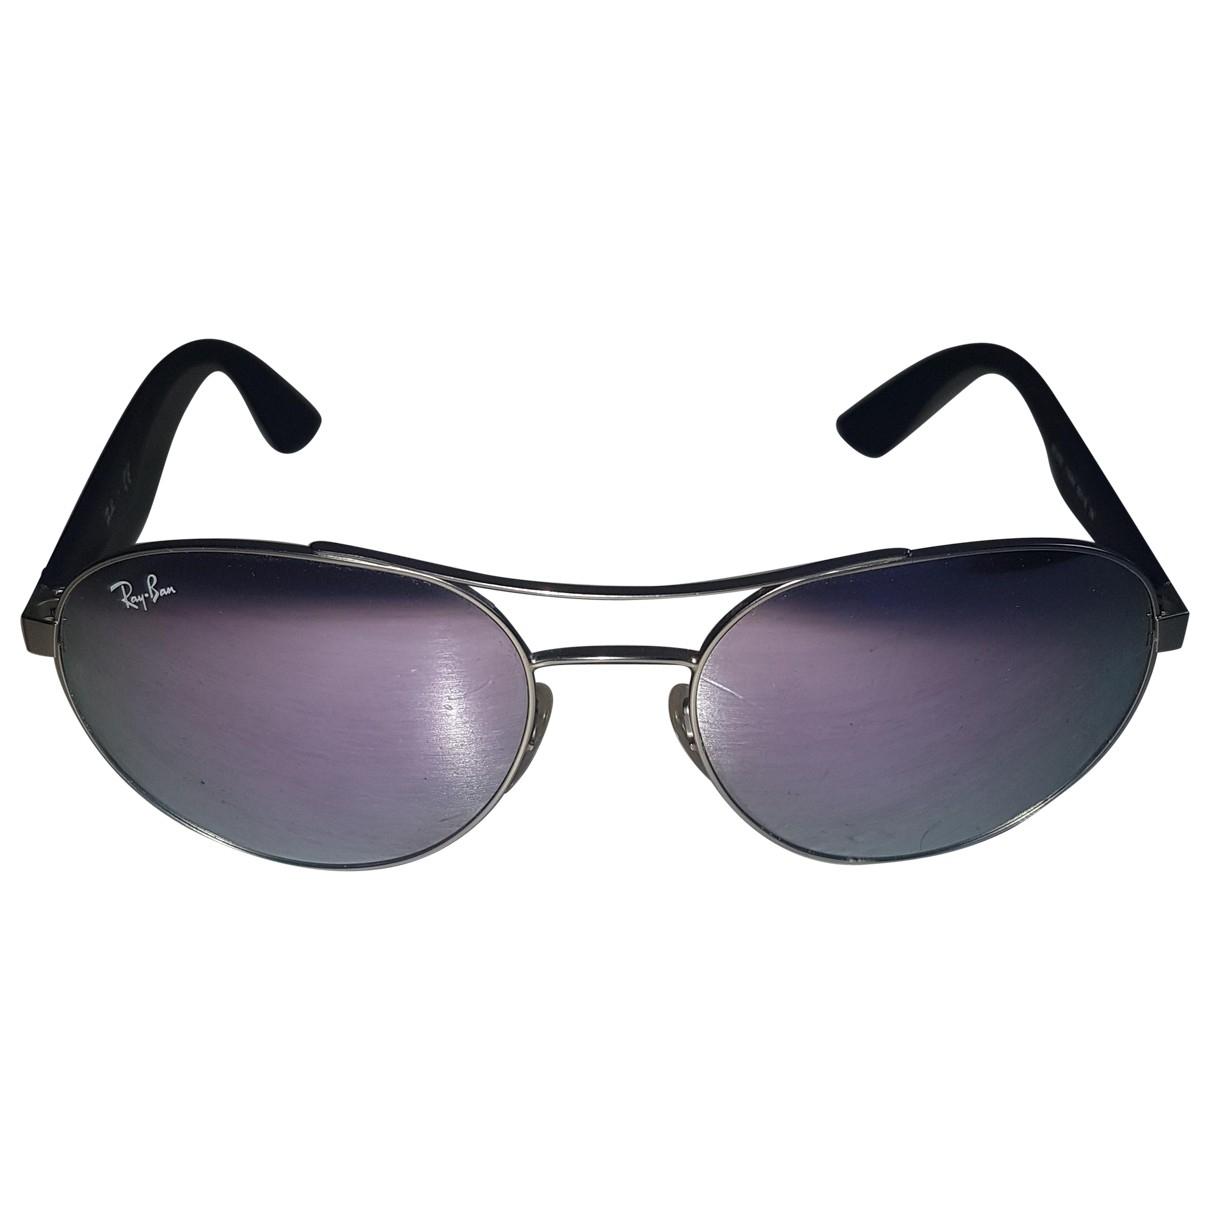 Gafas de aviador Aviator Ray-ban